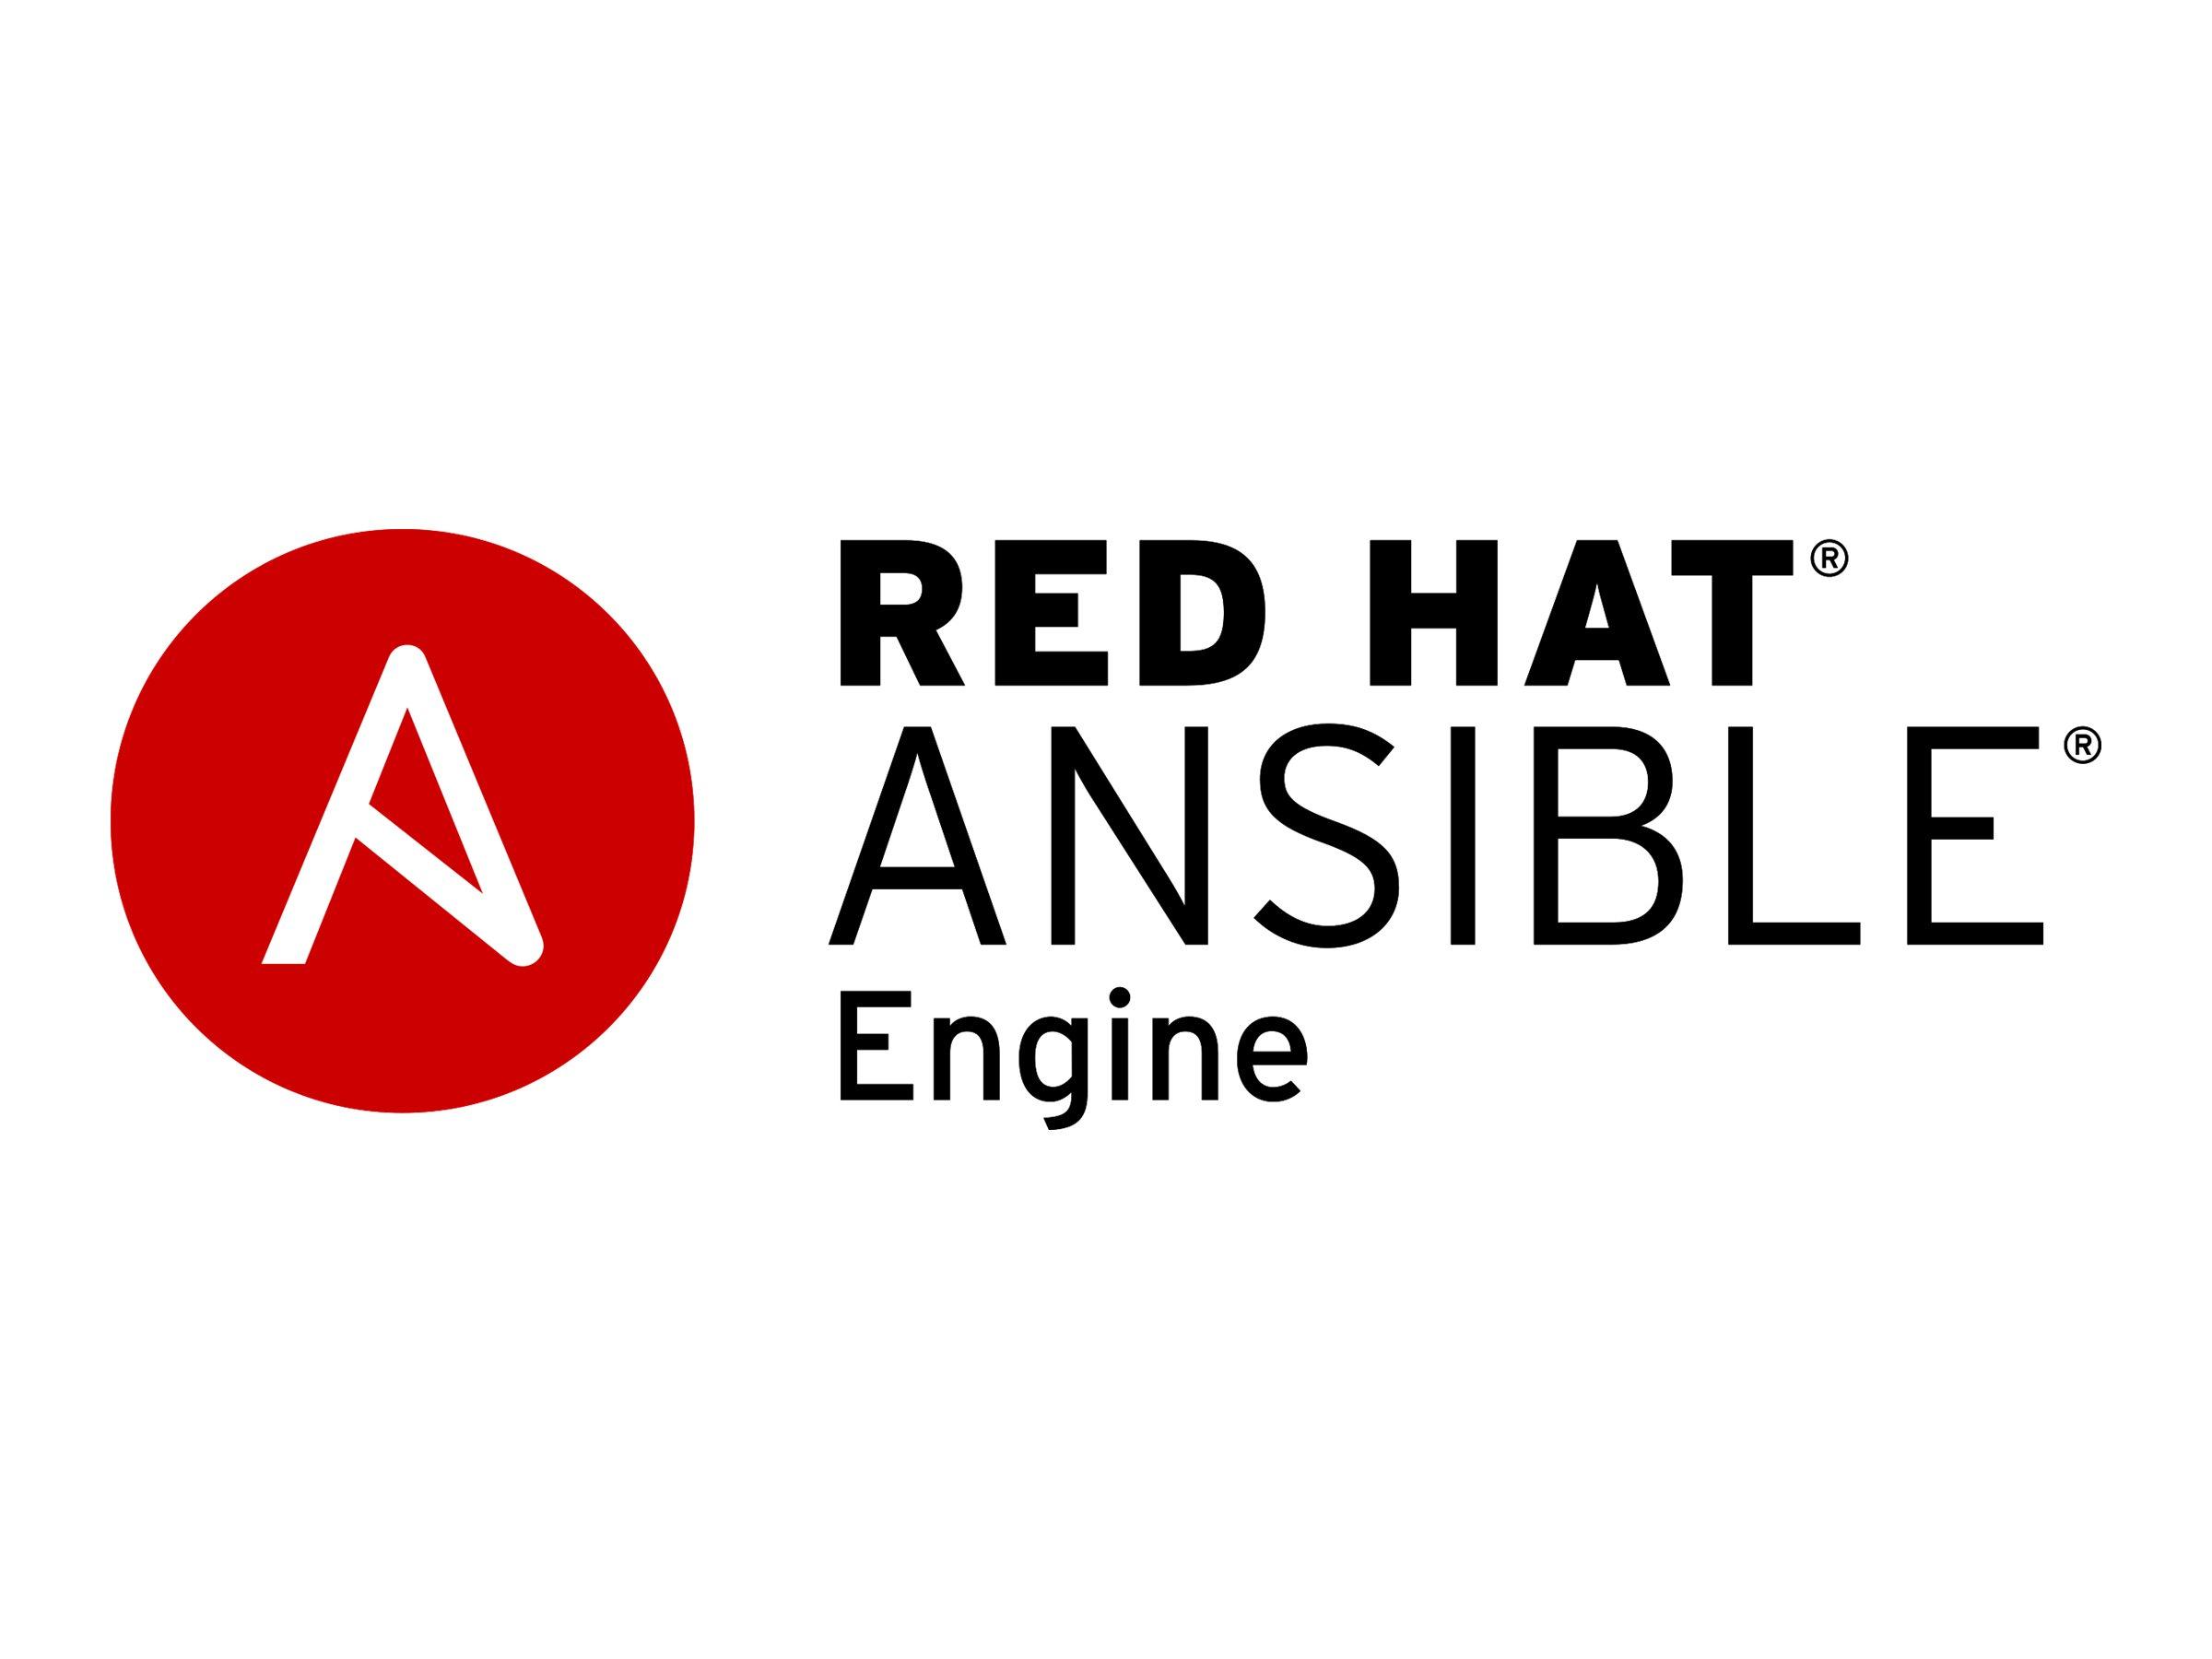 Red Hat Ansible Engine - Standardabonnement (1 Jahr) - 100 verwaltete Knoten - Linux